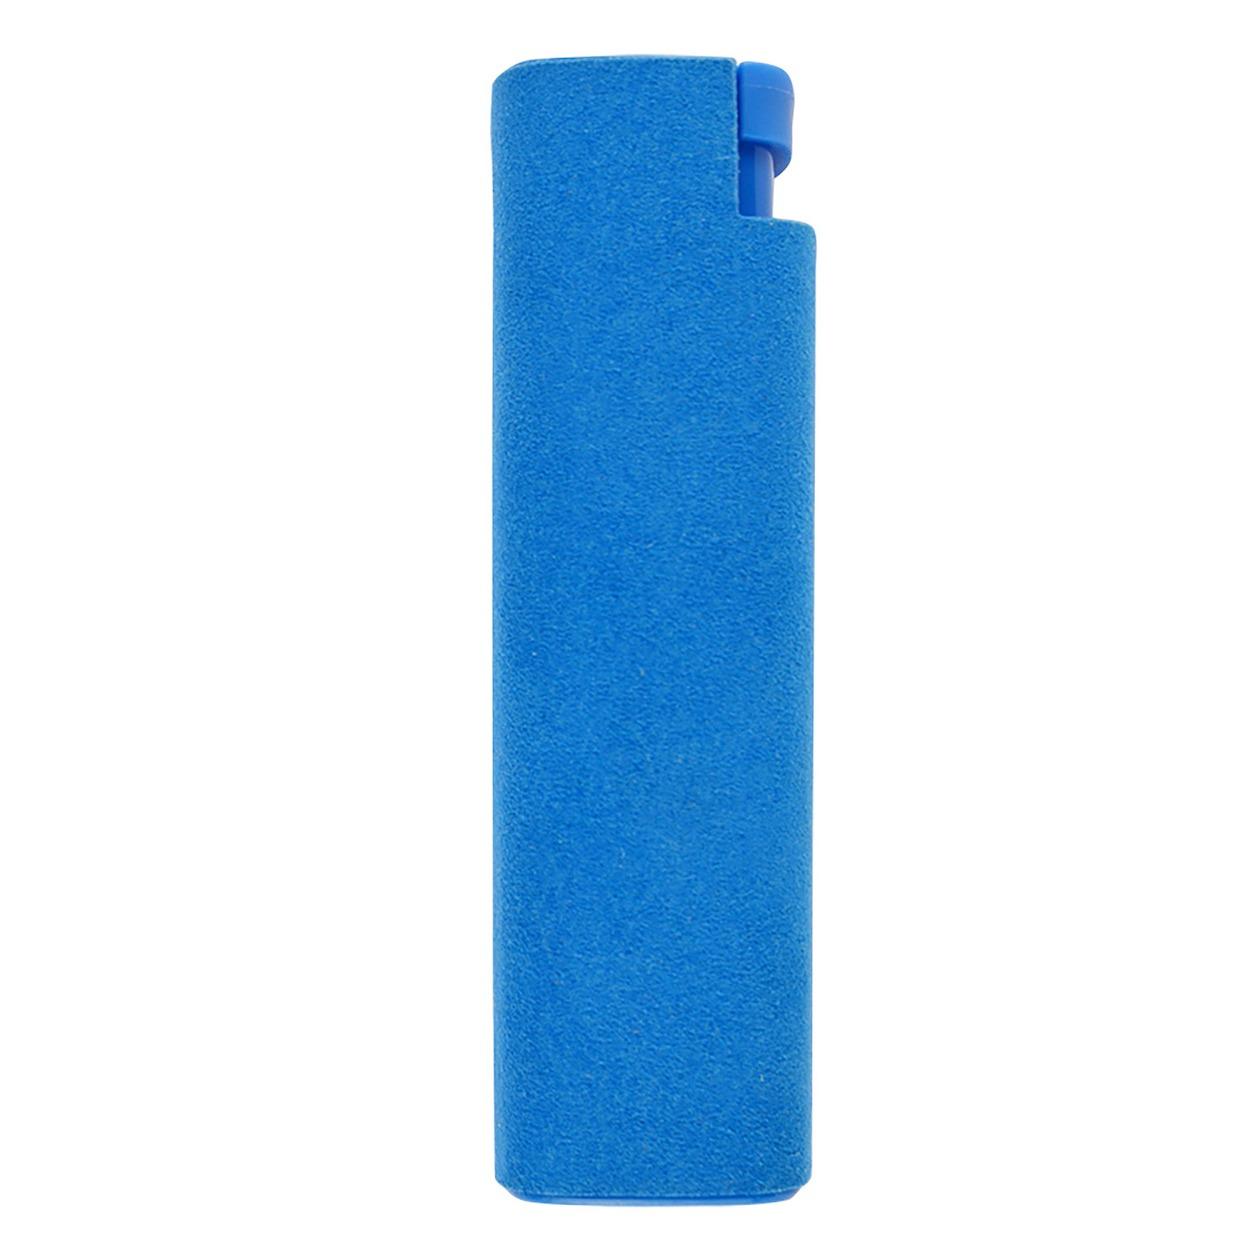 Afbeelding van Azuri audio accessoire Display reiniger blauw